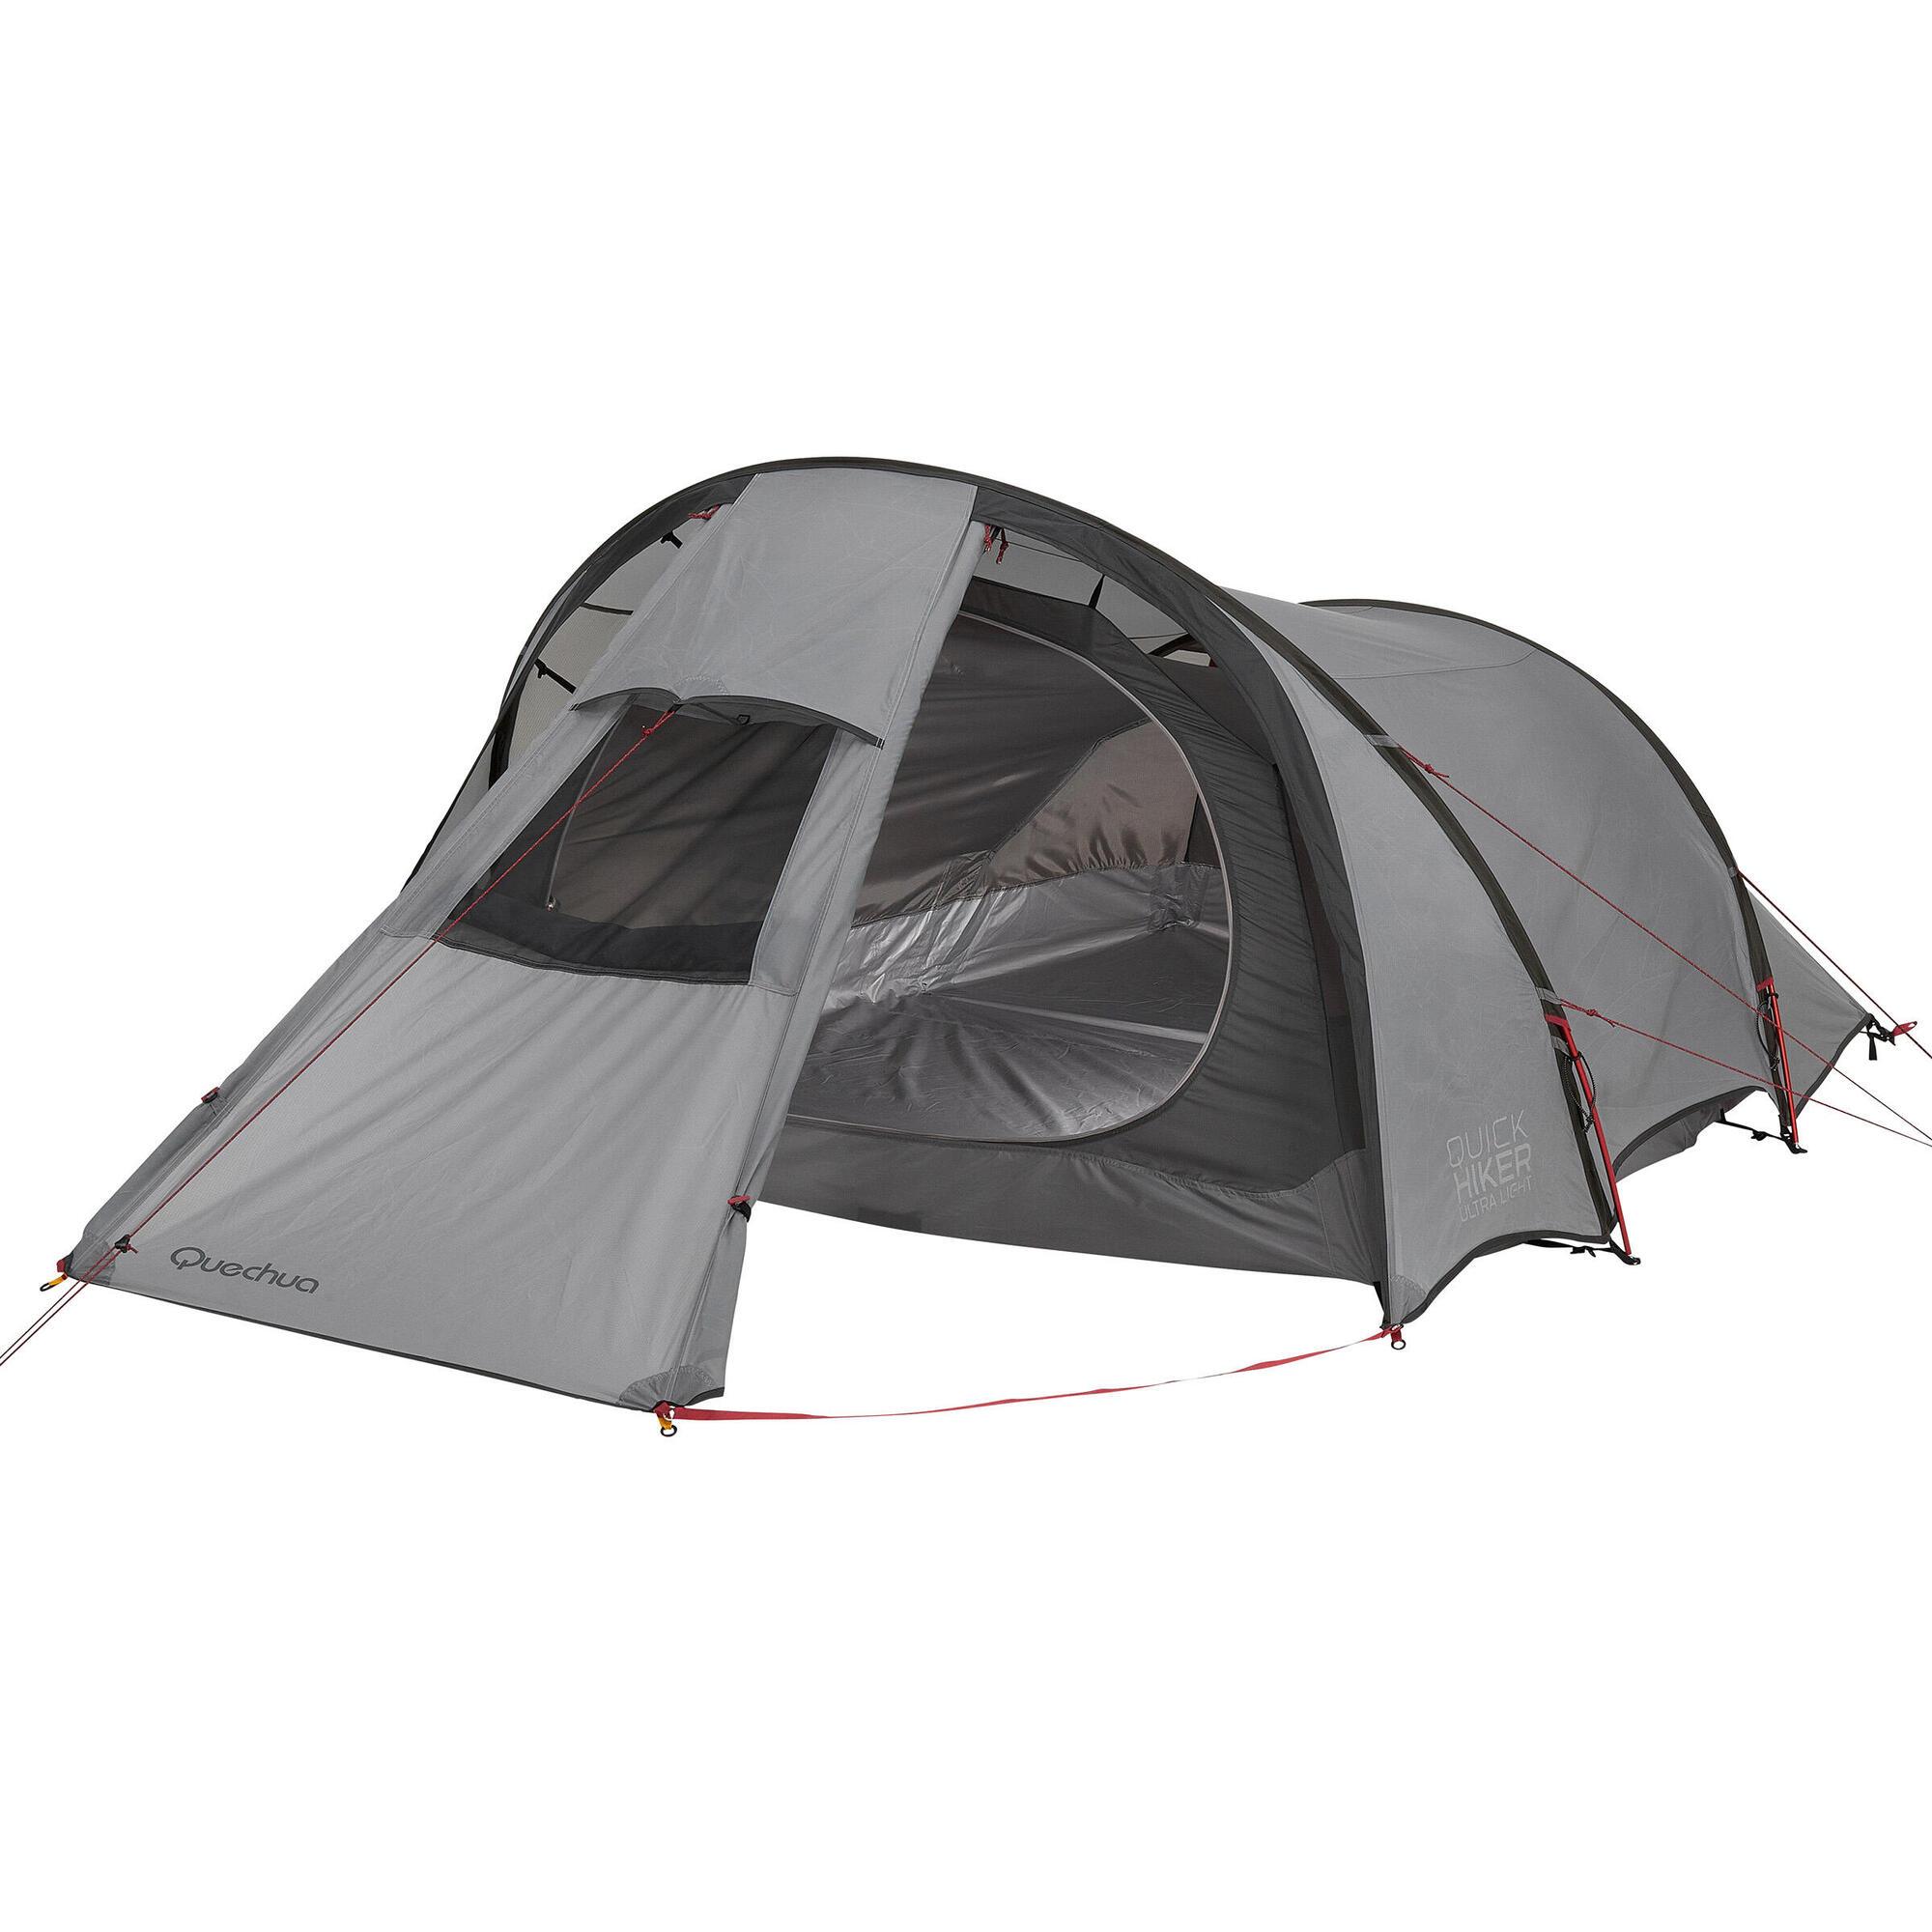 Quickhiker tent ultralight 3P  sc 1 st  Quechua & Tents | Quechua